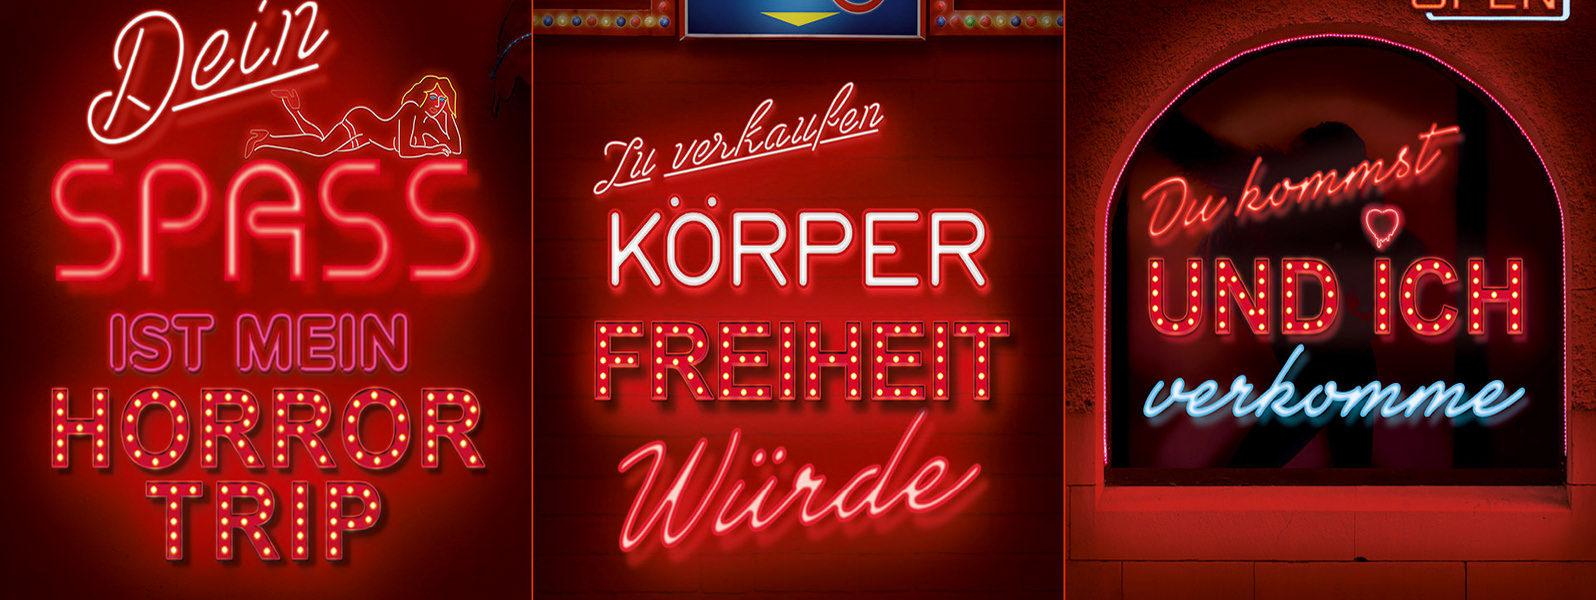 Nordisches Modell - JETZT! - Kampagne #rotlichtaus